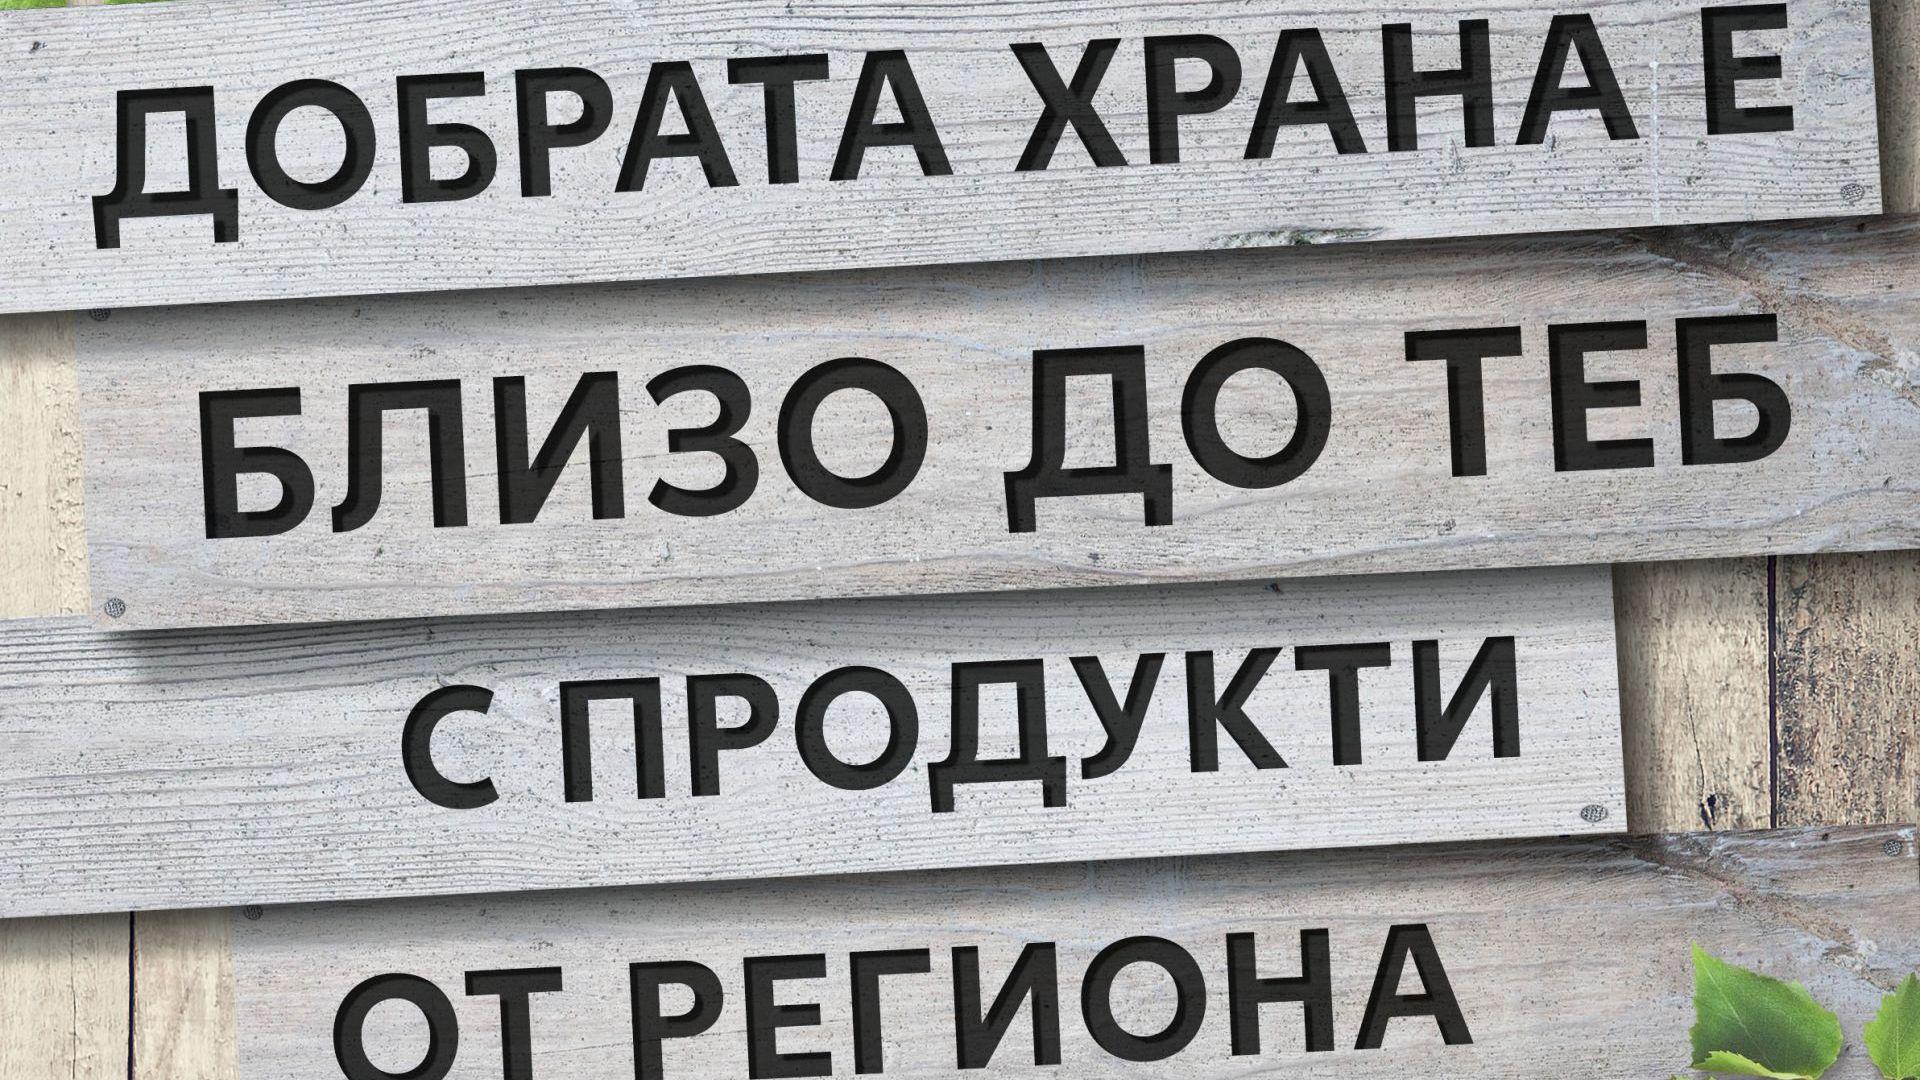 Kaufland България със специално приложение за регионални продукти към седмичната брошура